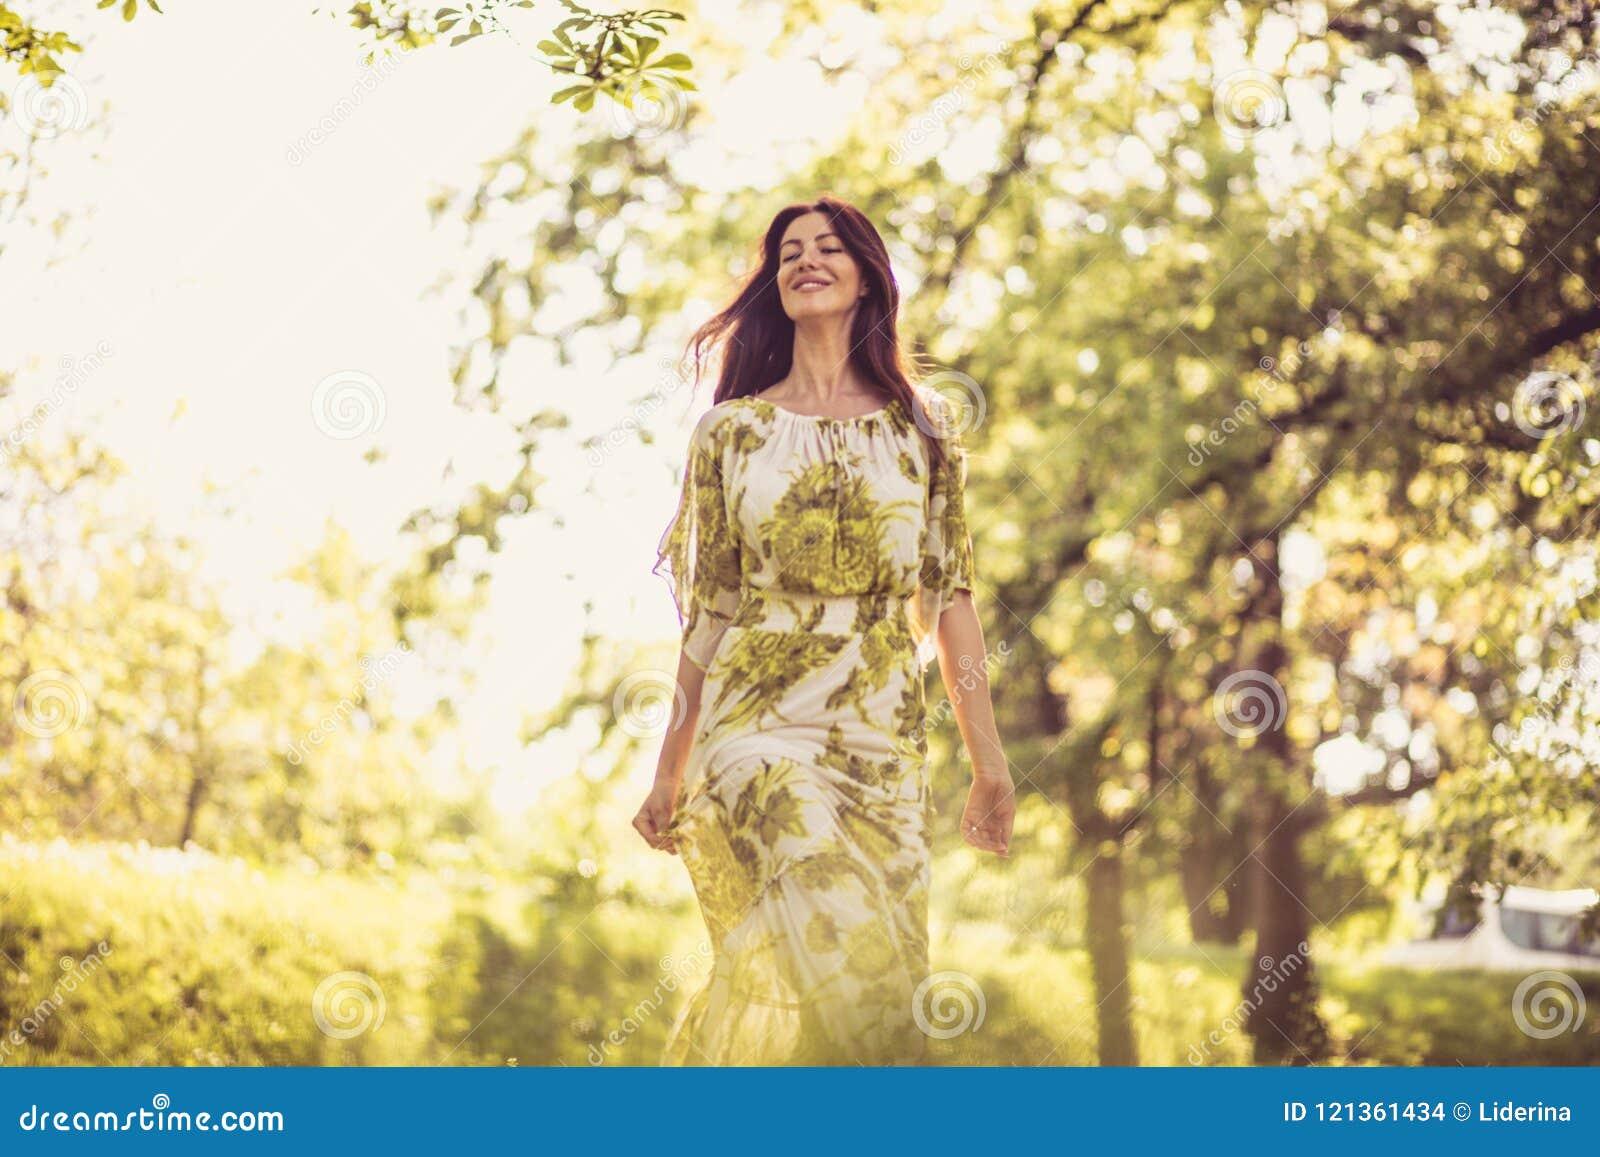 Appréciez en nature, femme de Moyen Âge